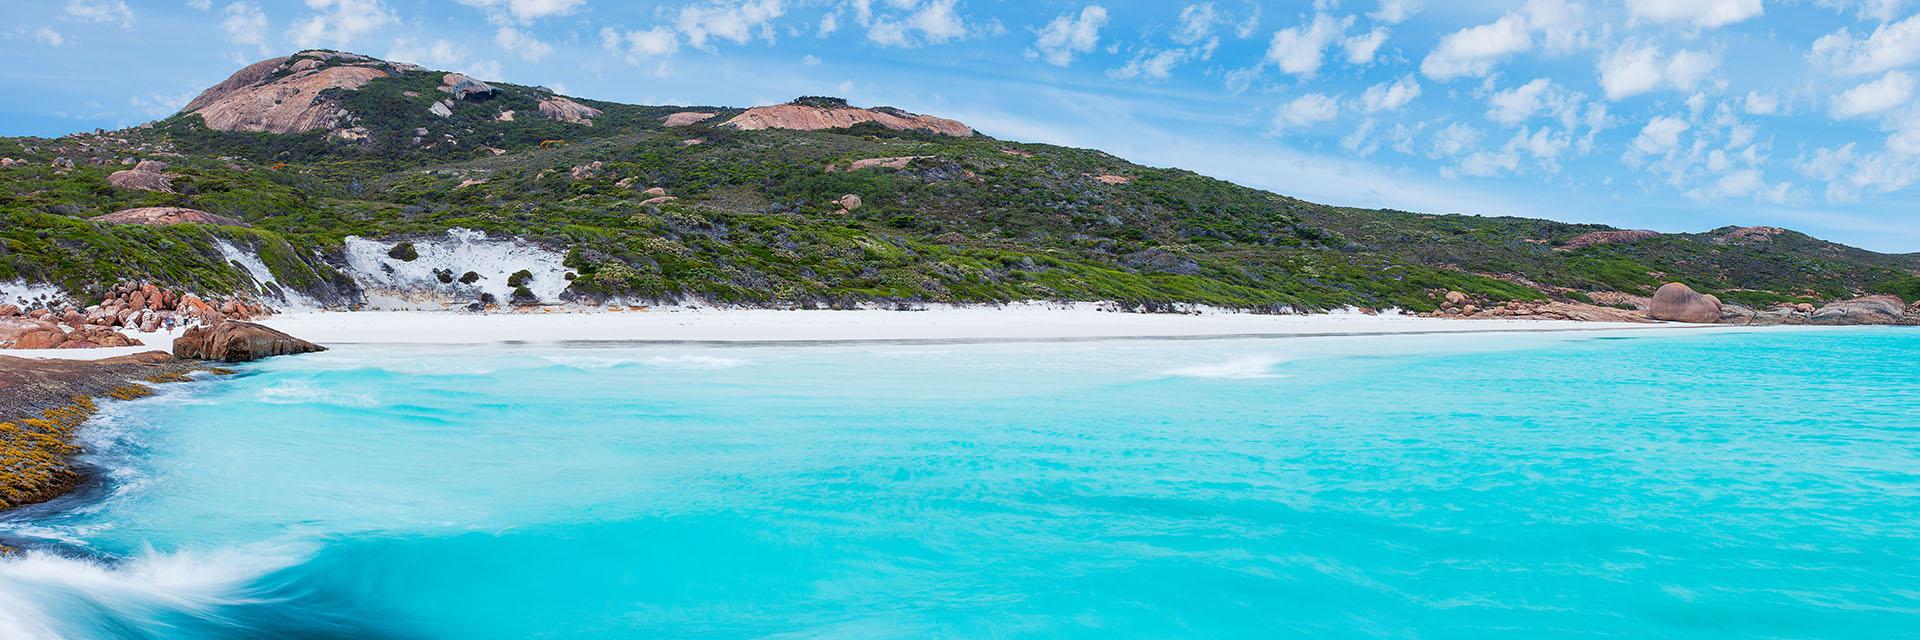 Está ubicada en el Gran Parque Nacional Esperanza y es la playa más blanca de toda Australia. Su arena perfectamente limpia y el agua transparente en la bahía que tiene aproximadamente 5 kilómetros lo convierten en una postal ideal